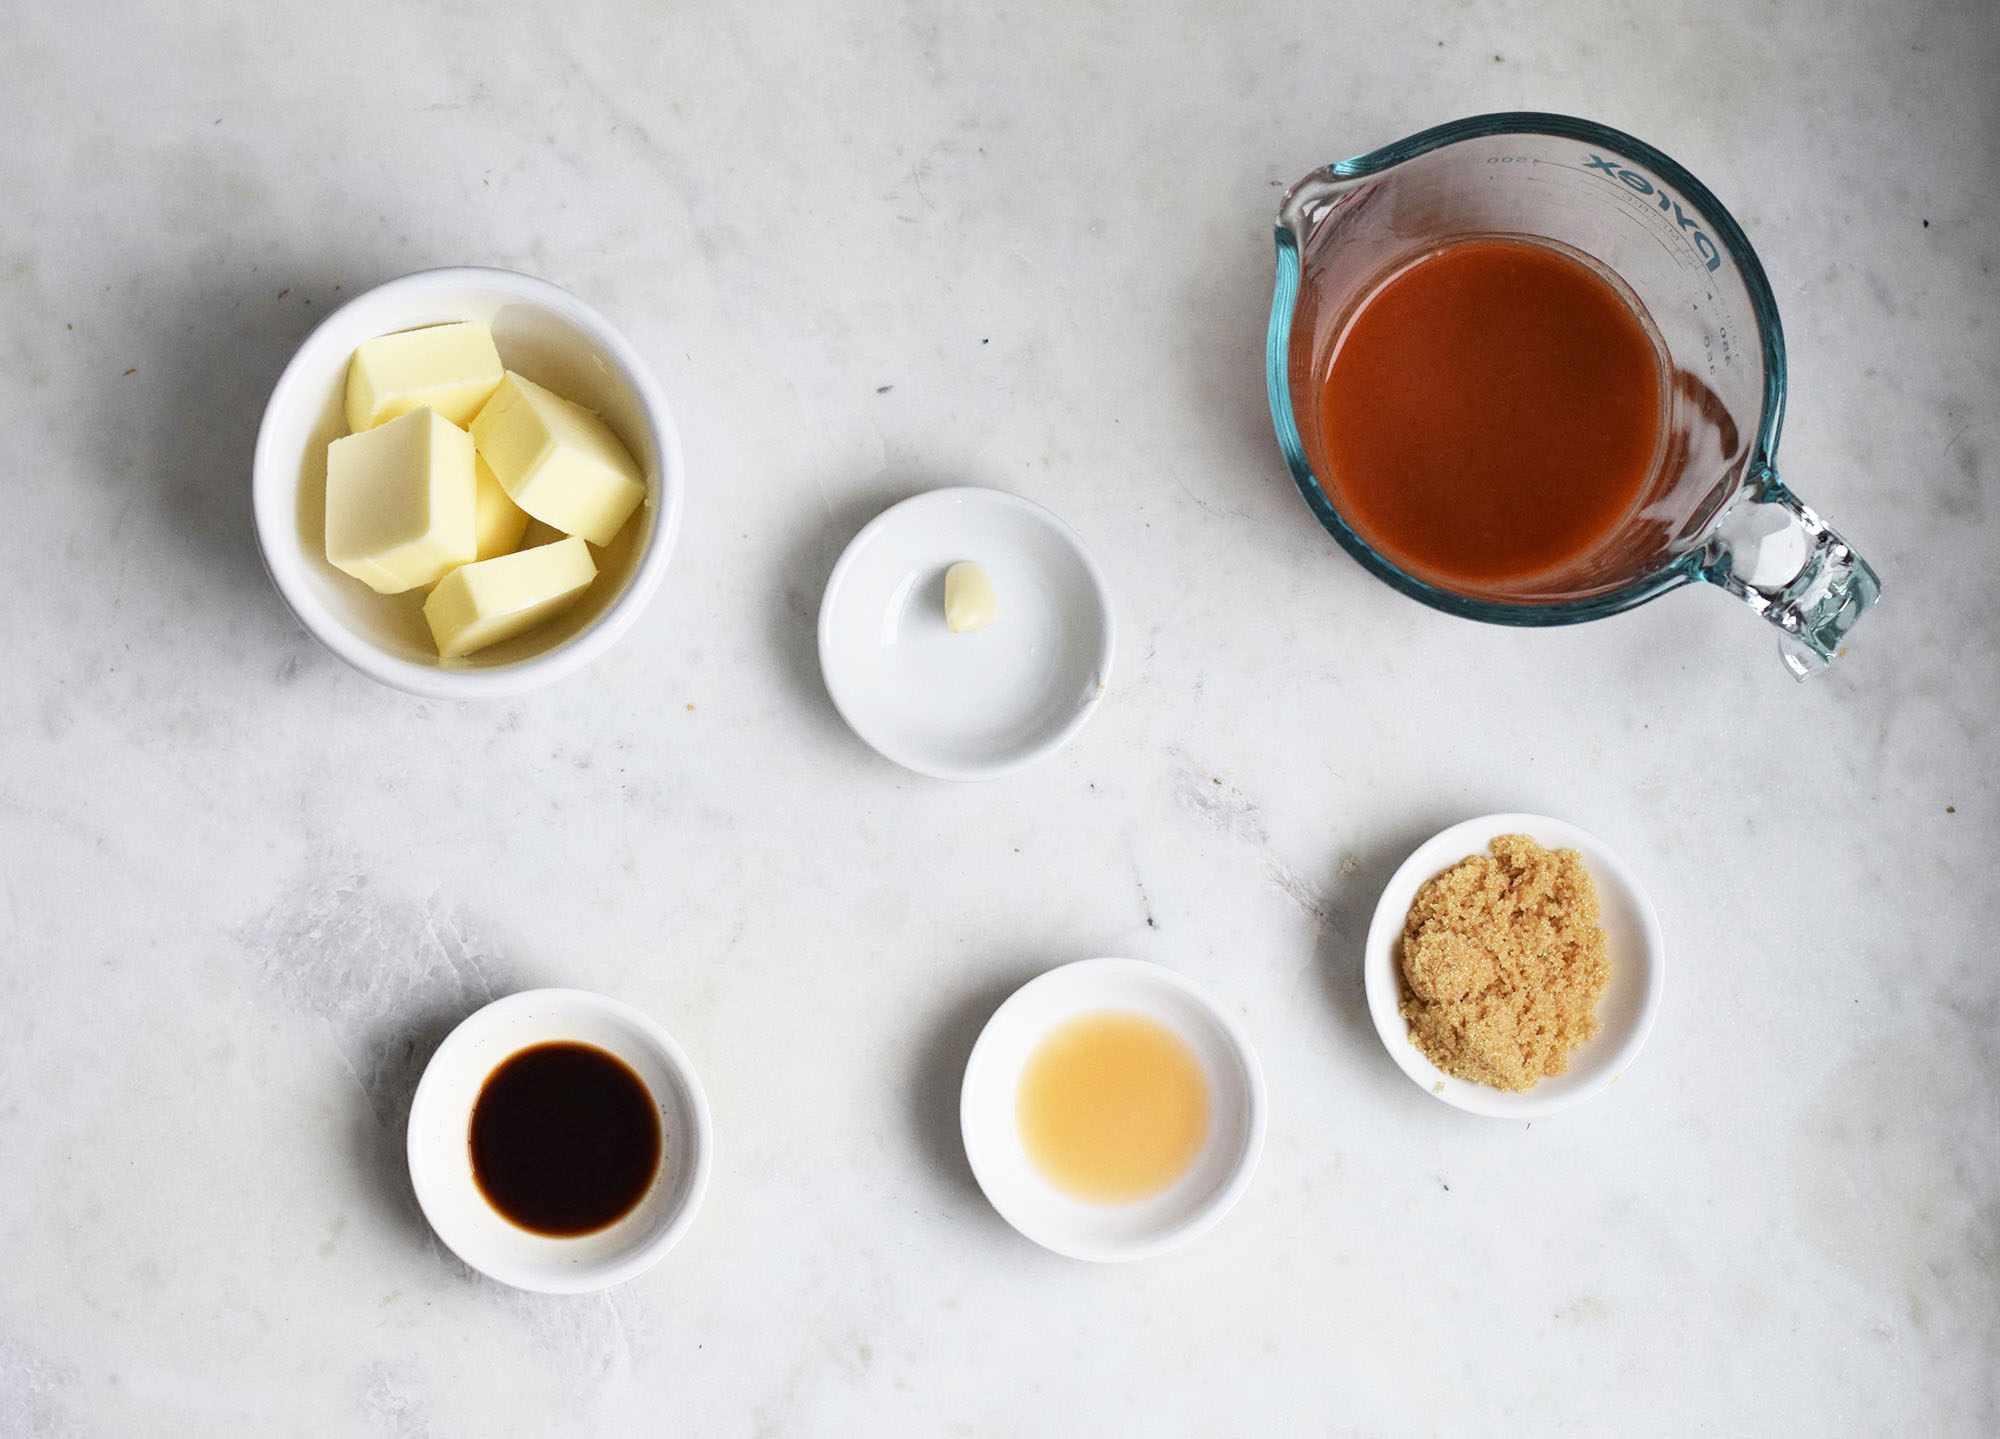 Buffalo wing sauce ingredients